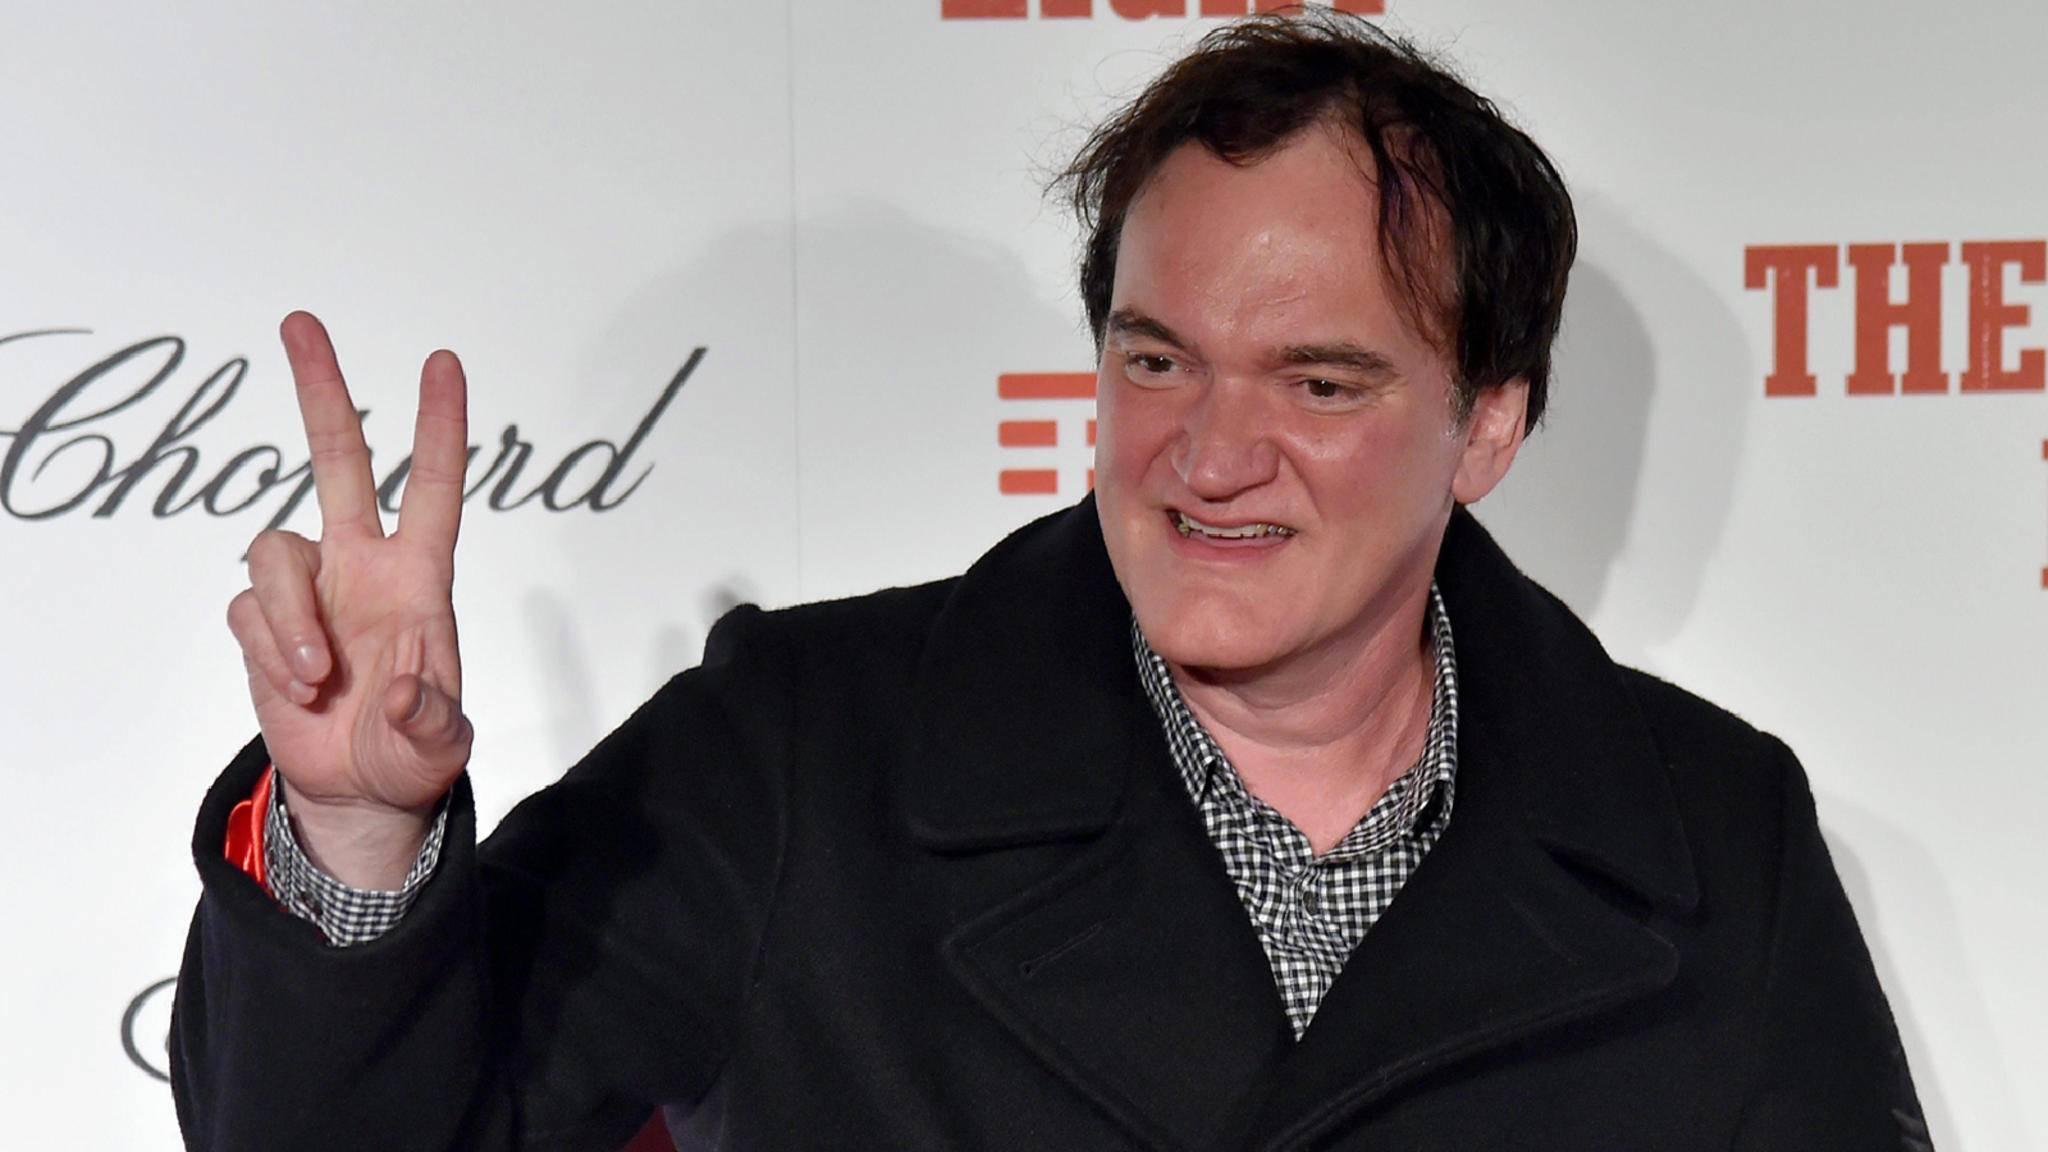 Für Quentin Tarantino ist der Ruhestand schon absehbar.